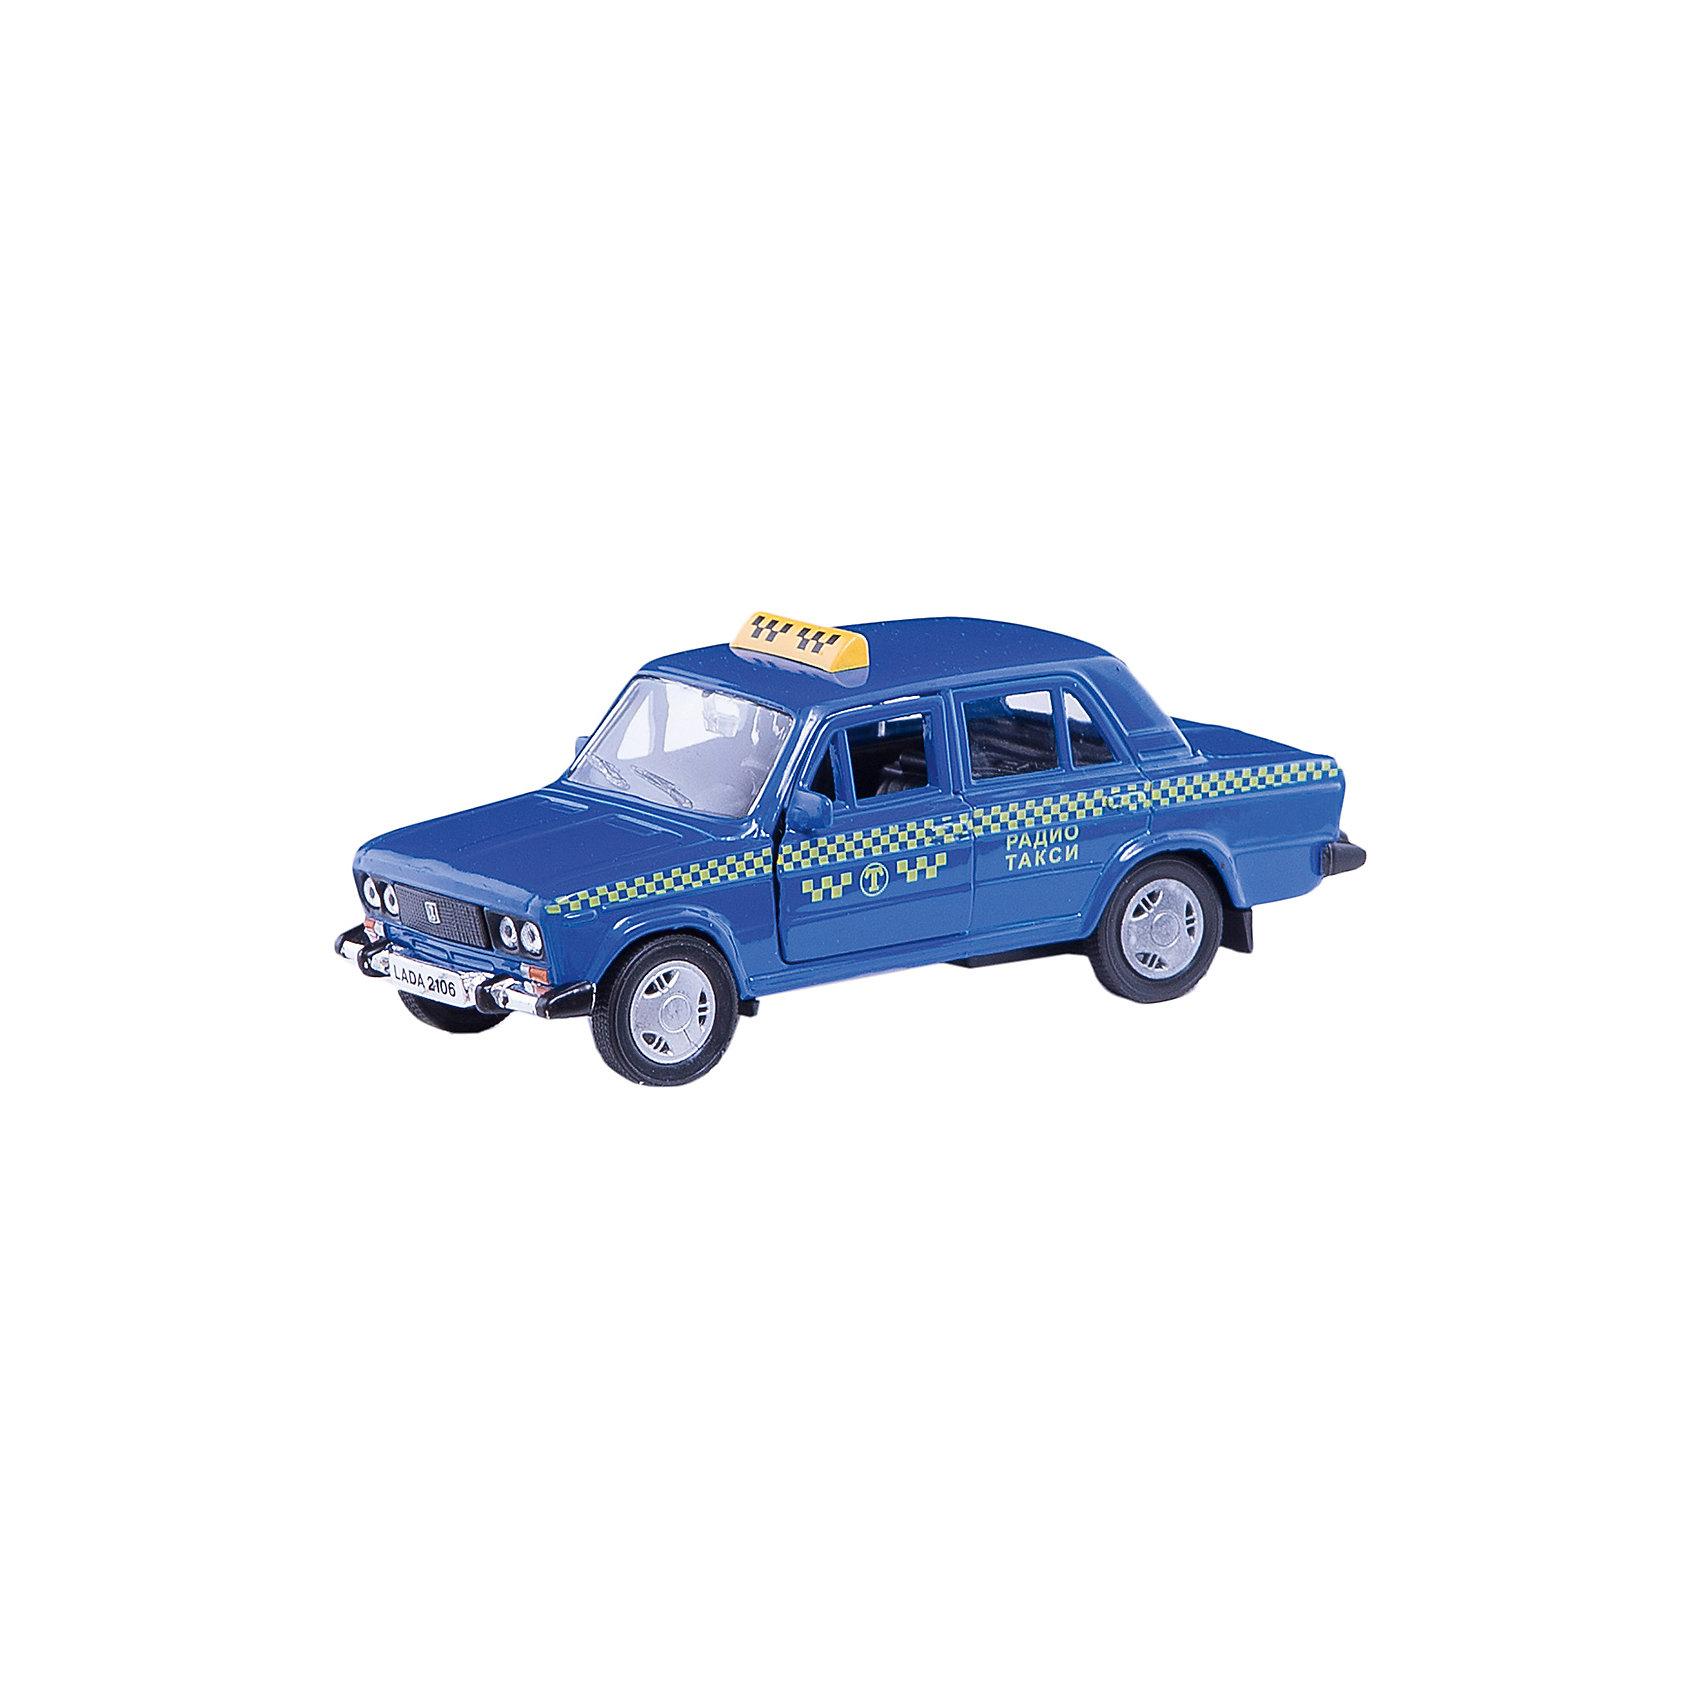 Машинка Lada 2106 такси 1:36, AutotimeМашинки<br>Характеристики товара:<br><br>• цвет: синий<br>• материал: металл, пластик<br>• размер: 16,5х7,х5,7 см<br>• вес: 100 г<br>• масштаб: 1:36<br>• прочный материал<br>• хорошая детализация<br>• открываются двери<br>• страна бренда: Россия<br>• страна производства: Китай<br><br>Коллекционная машинка LADA 2106 такси от бренда AUTOTIME станет отличным подарком для мальчика. Подробная детализация машинки порадует увлеченного коллекционера, а открывающиеся двери и свободно вращающиеся колеса придутся по душе юному владельцу игрушечного гаража. Эта игрушка подарит восторг и радость вашему ребенку. <br><br>Игрушка также воздействует на наглядно-образное мышление, логическое мышление, развивает мелкую моторику. Изделие выполнено из сертифицированных материалов, безопасных для детей.<br><br>Машинку «Lada 2106» такси от бренда AUTOTIME можно купить в нашем интернет-магазине.<br><br>Ширина мм: 165<br>Глубина мм: 57<br>Высота мм: 75<br>Вес г: 13<br>Возраст от месяцев: 36<br>Возраст до месяцев: 2147483647<br>Пол: Мужской<br>Возраст: Детский<br>SKU: 5583942